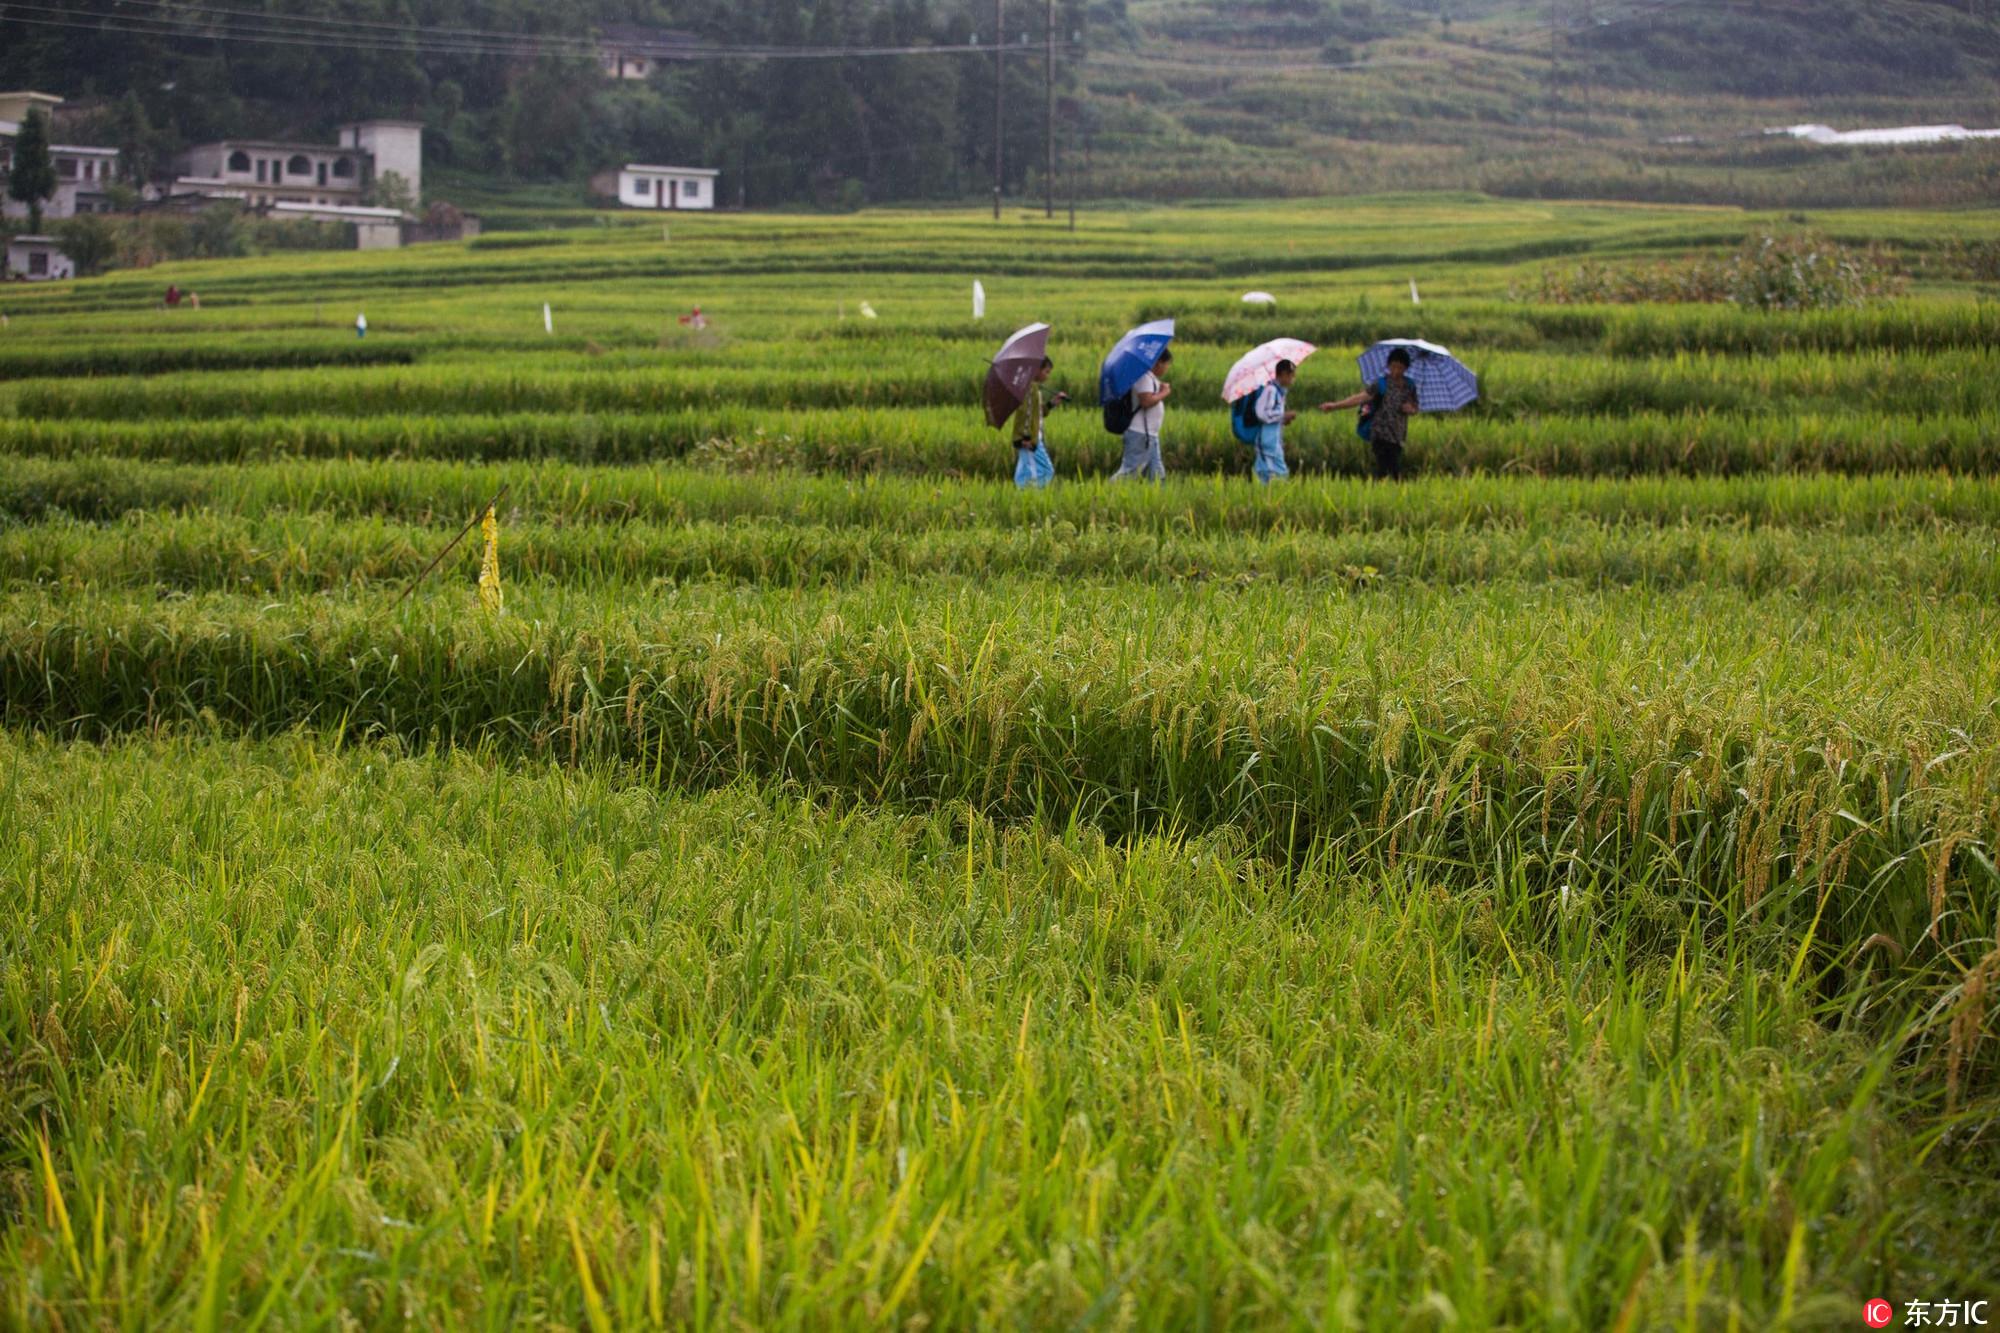 贵州省大方县小屯乡小屯梯田退绿变黄,丰收在望.